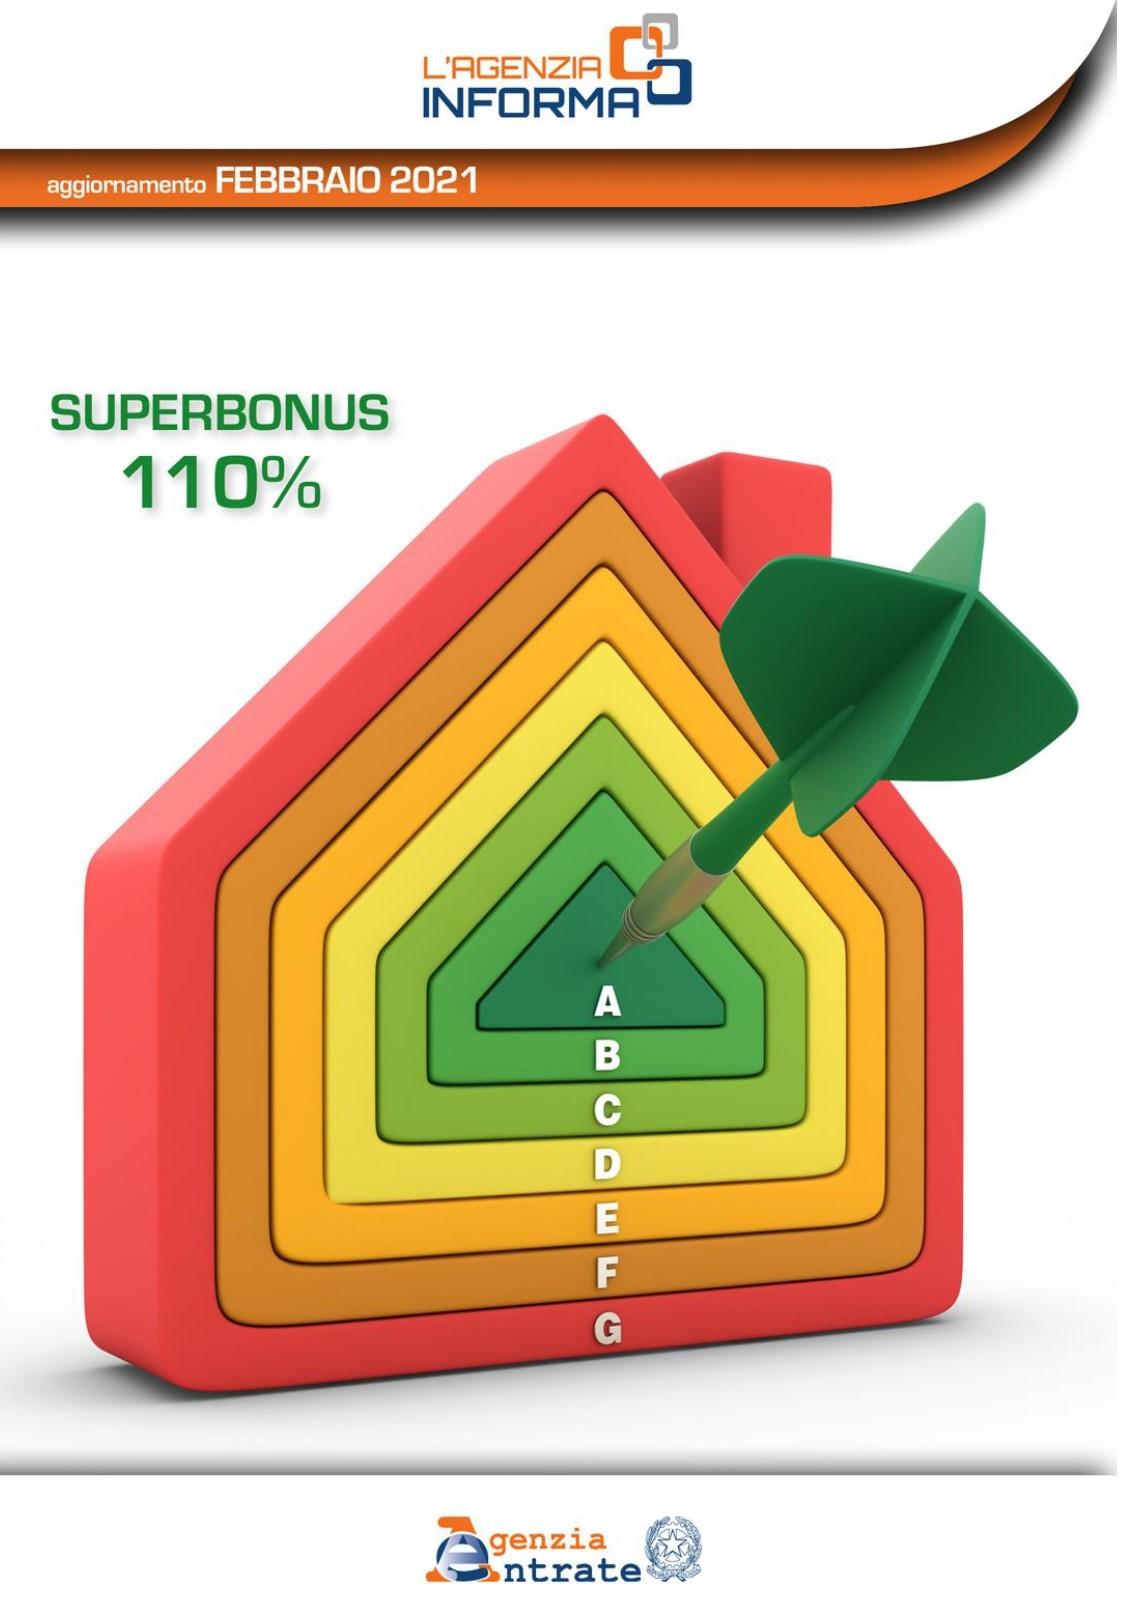 Guida dell'Agenzia delle Entrate – Superbonus 110% (febbraio 2021)